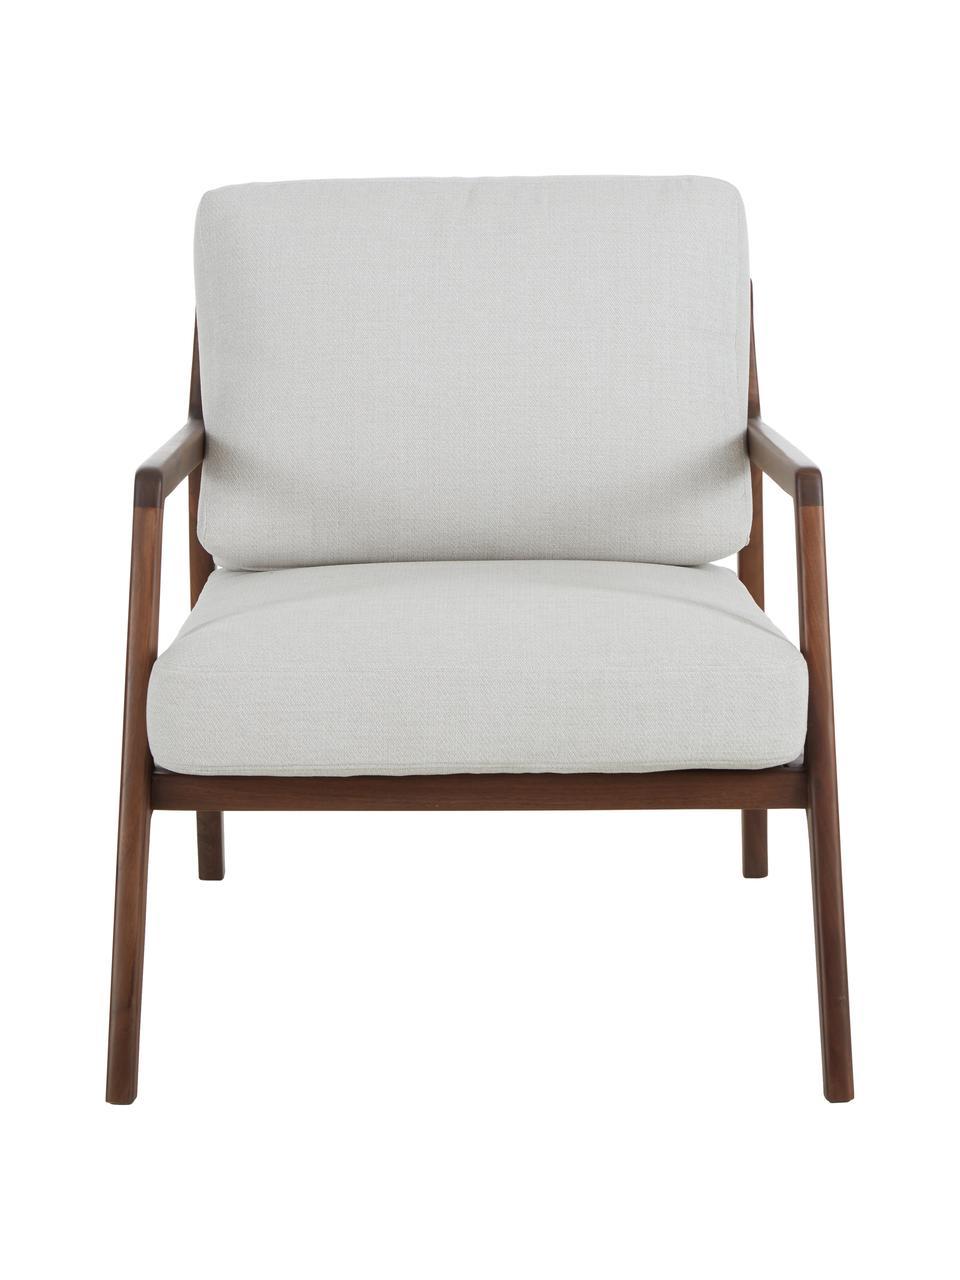 Fauteuil Becky van walnoothout, Bekleding: polyester, Frame: massief walnoothout, Geweven stof beige, walnoothoutkleurig, B 73 x D 90 cm